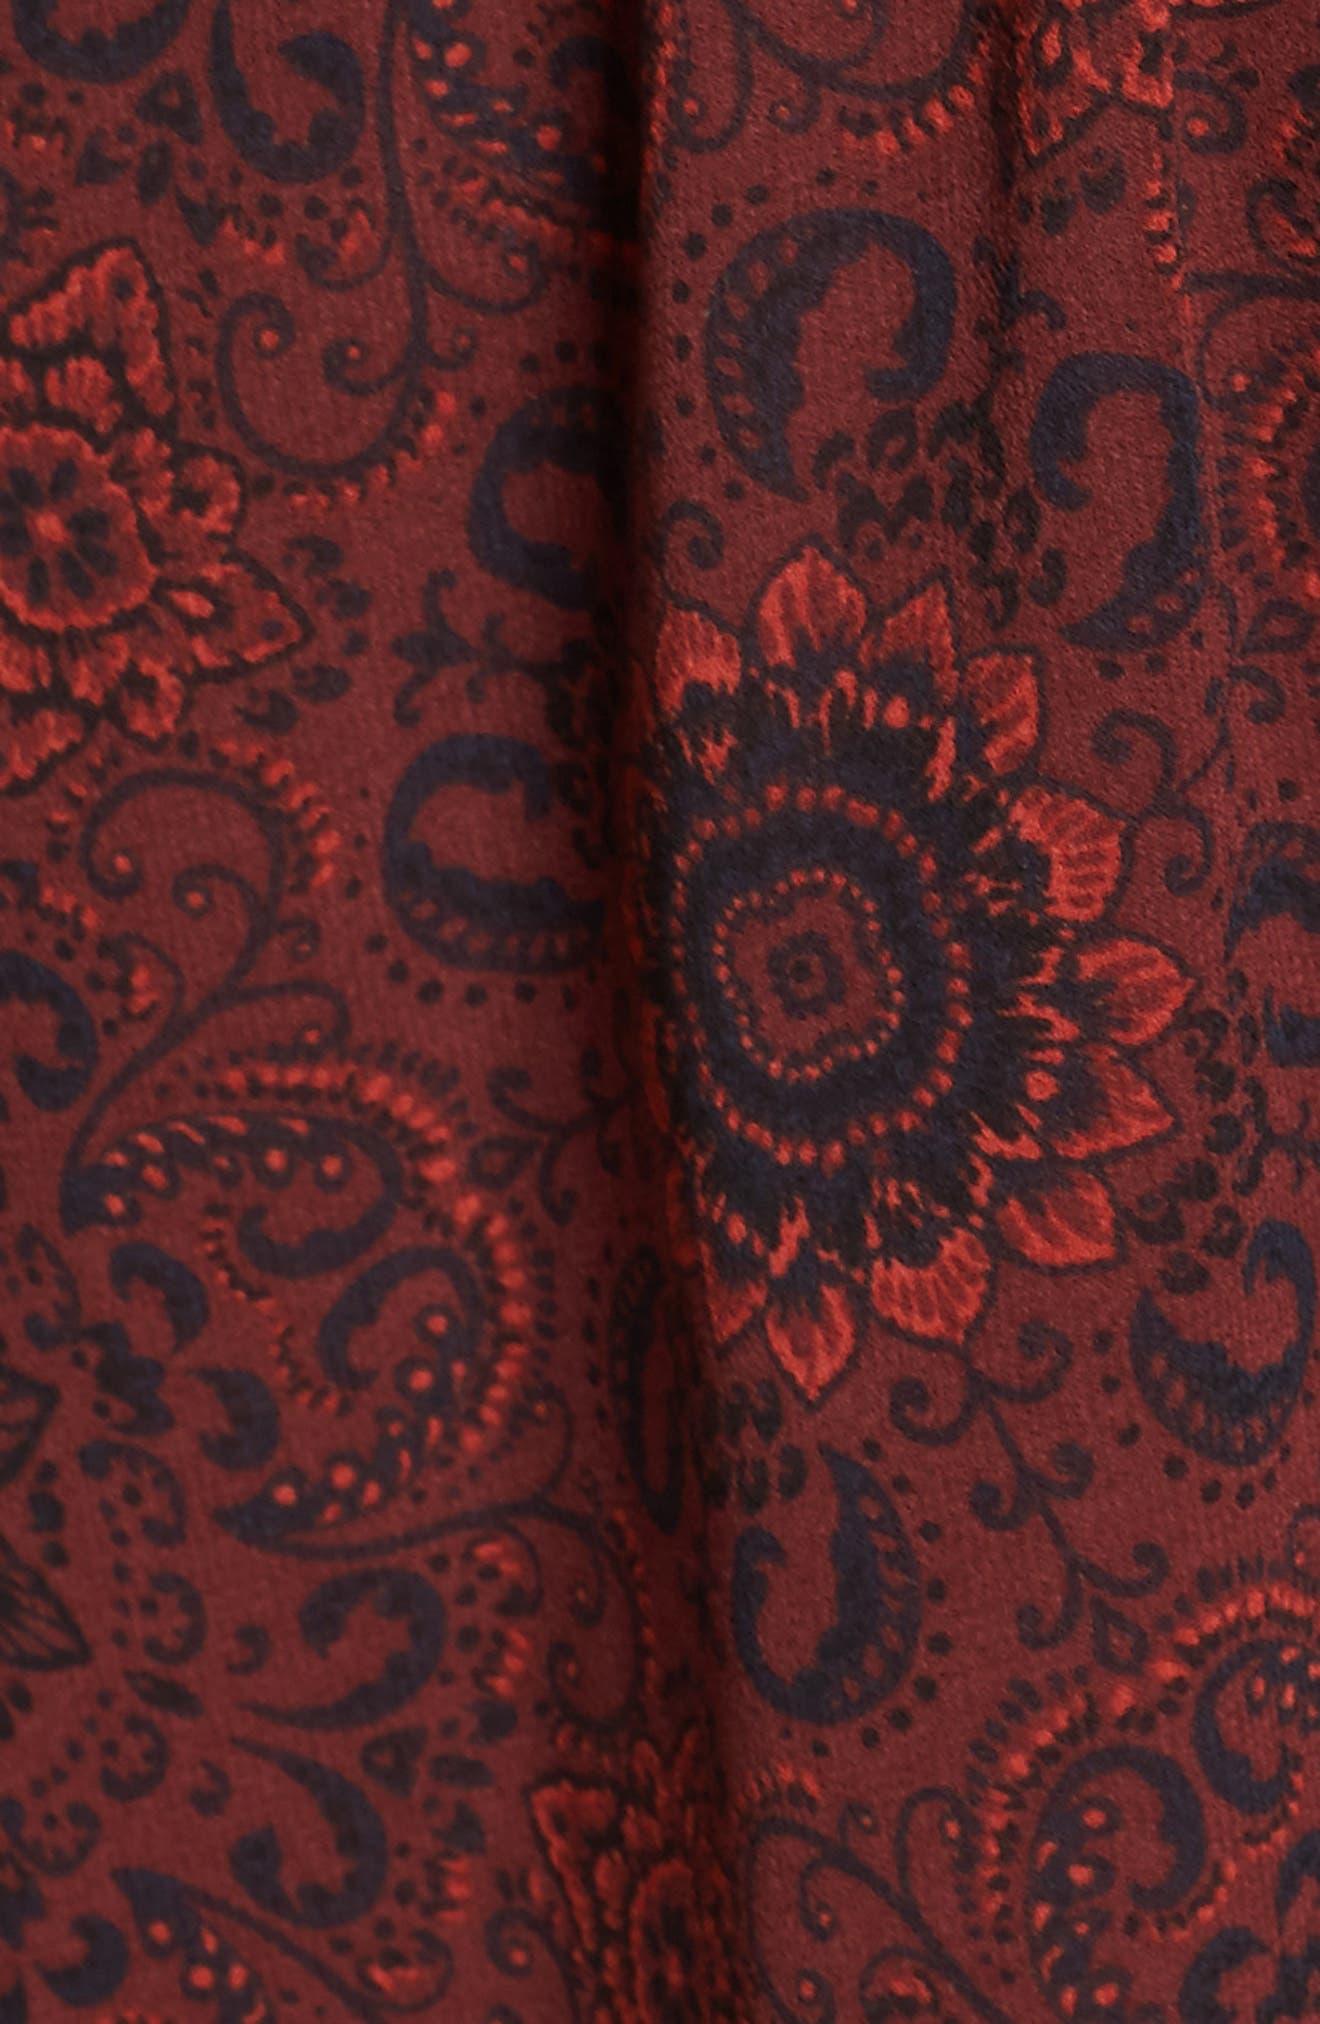 Branton Fit & Flare Dress,                             Alternate thumbnail 5, color,                             Bordeaux